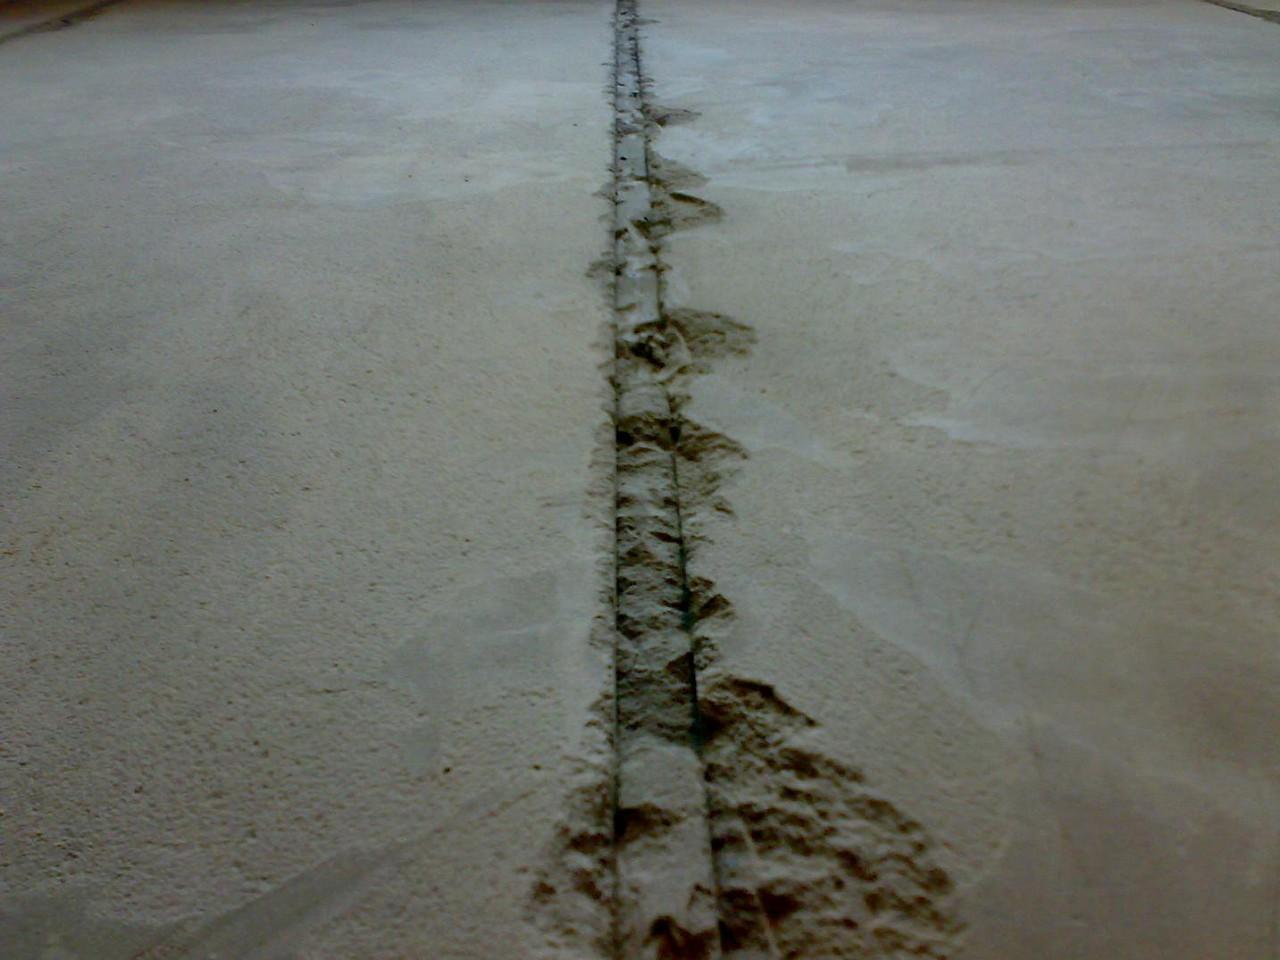 Фото заполняемой раствором выемки, оставшейся после удаления маяка